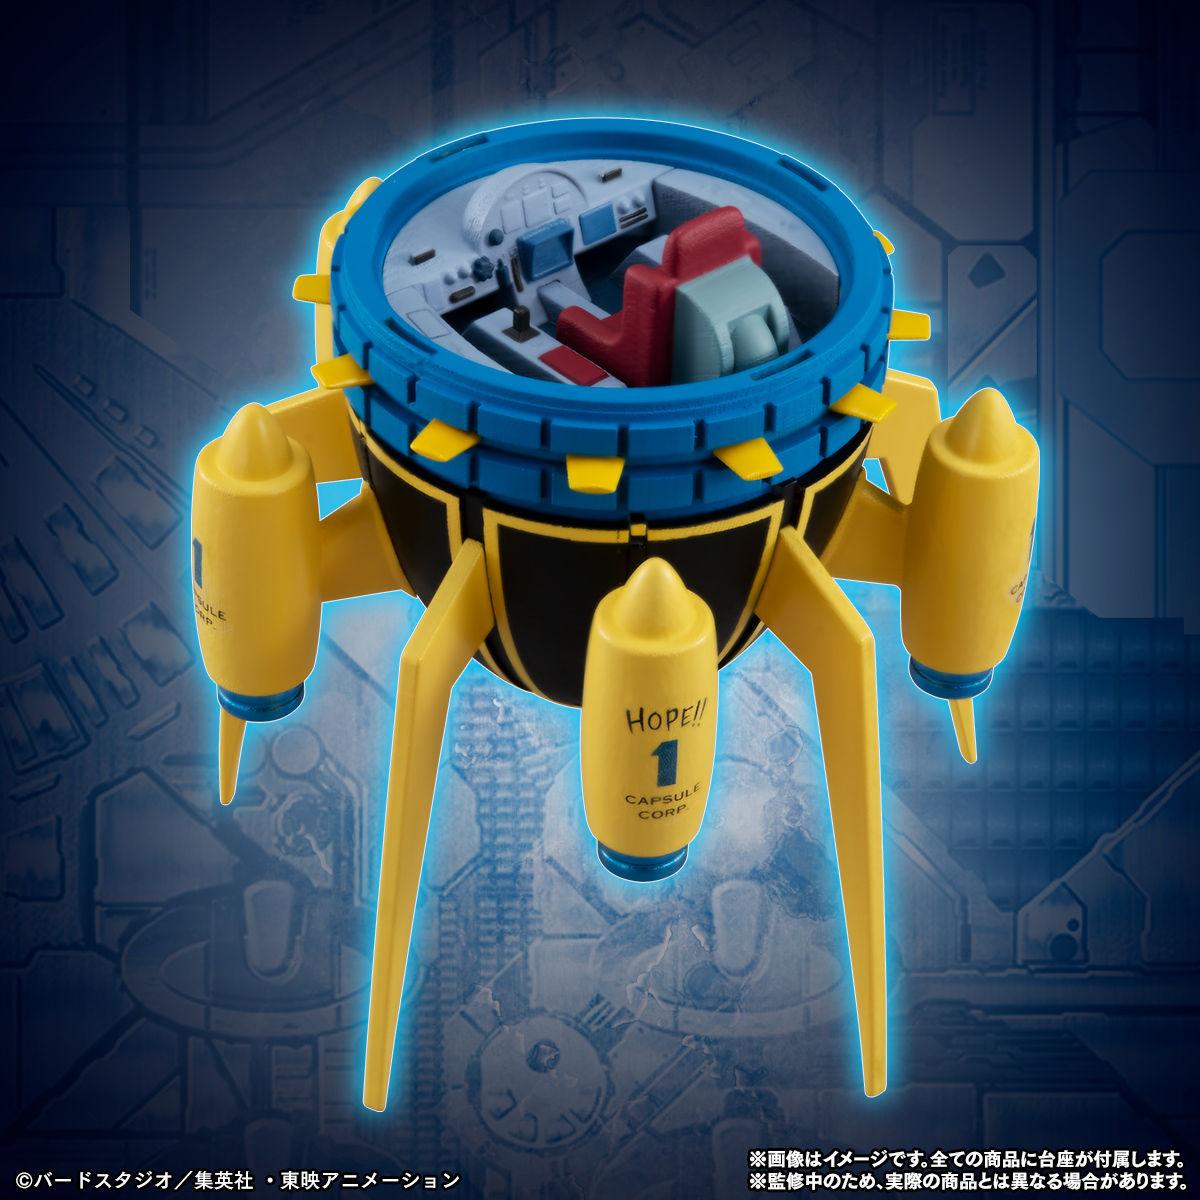 【限定販売】HGシリーズ『HGドラゴンボール もう一人の超サイヤ人編』全3種+タイムマシン-008